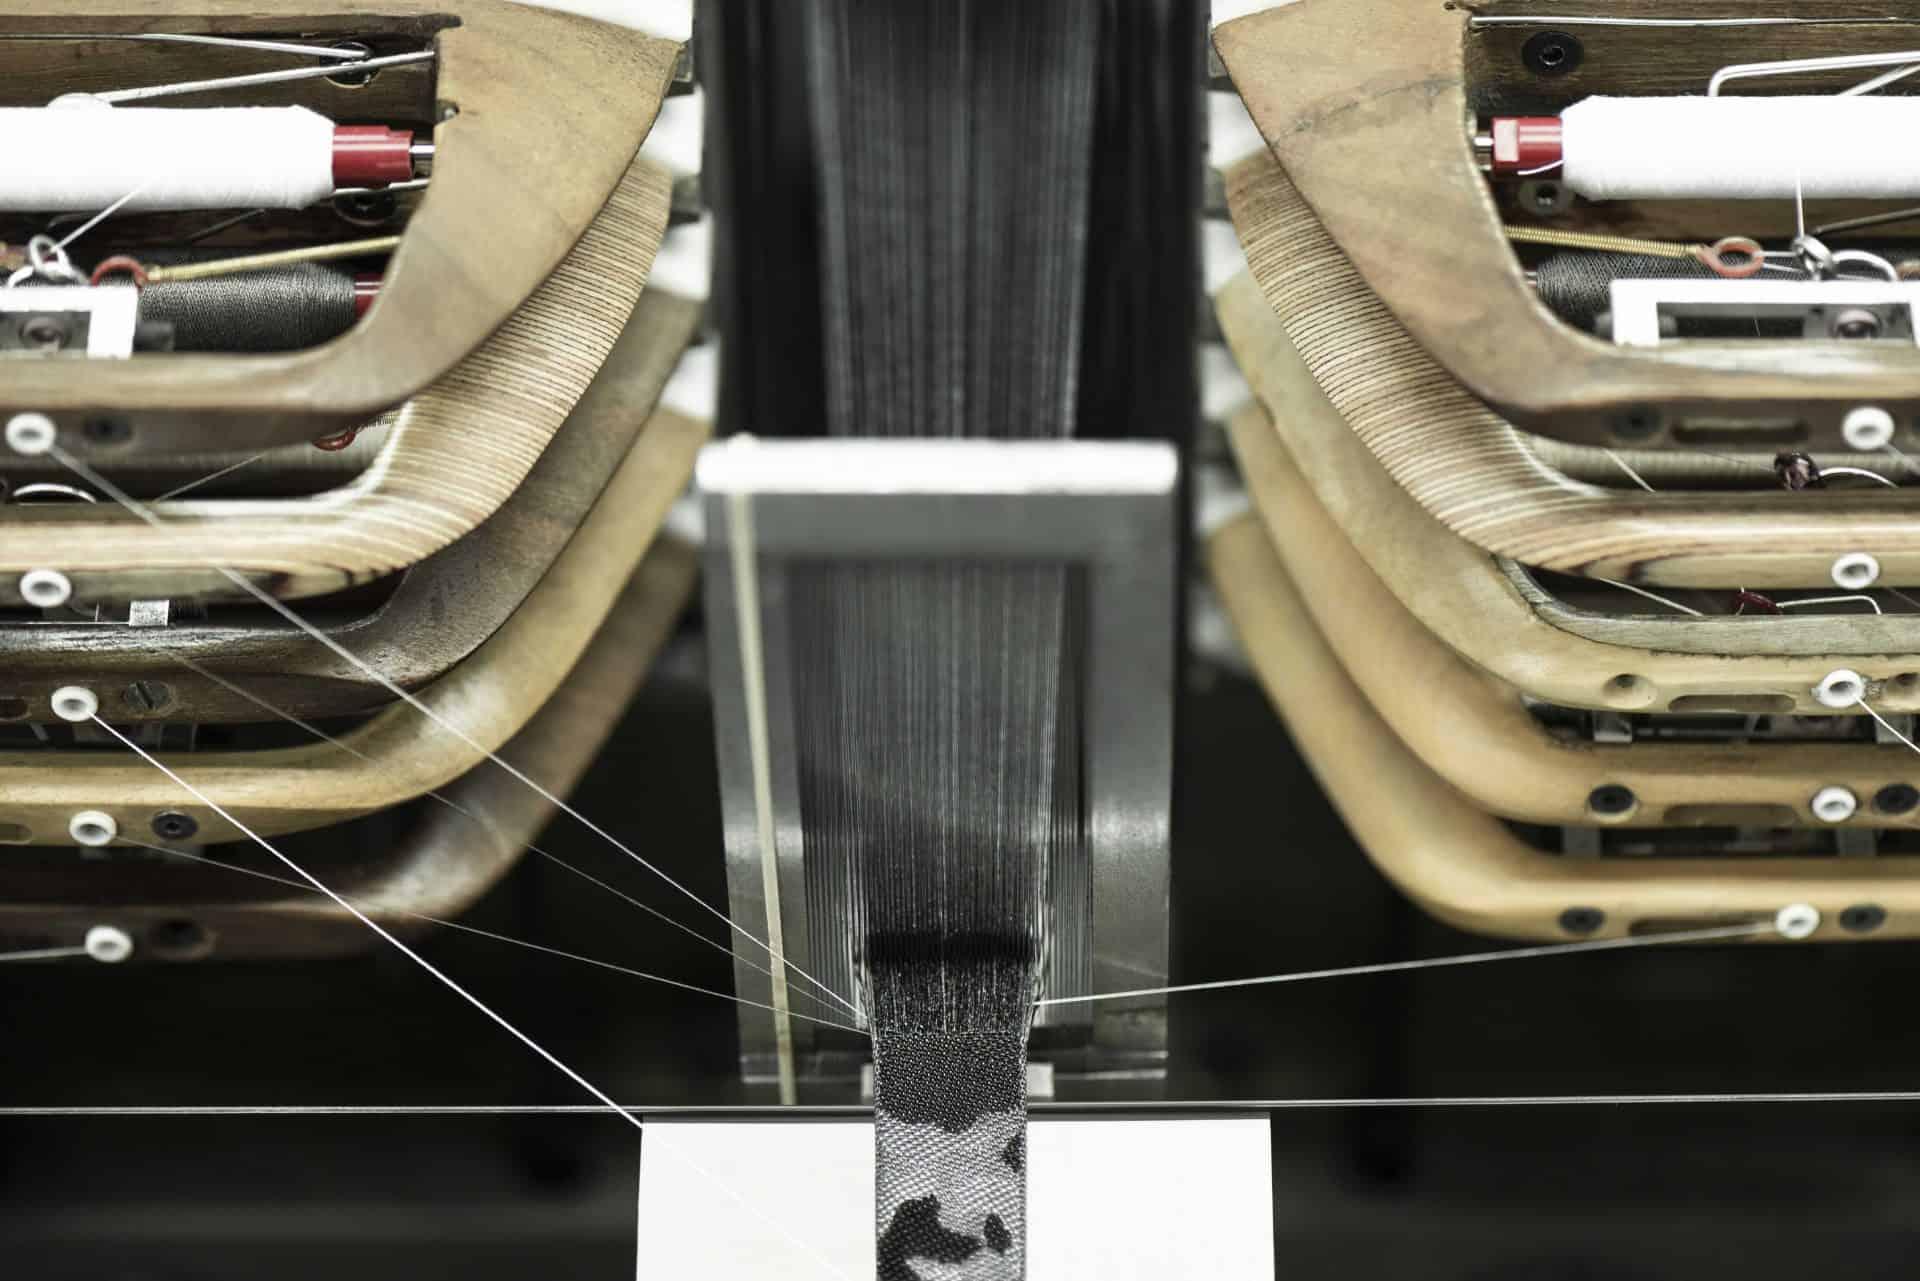 Das Weben des Armbands in den Werkstätten von Julien Faure in Lyon